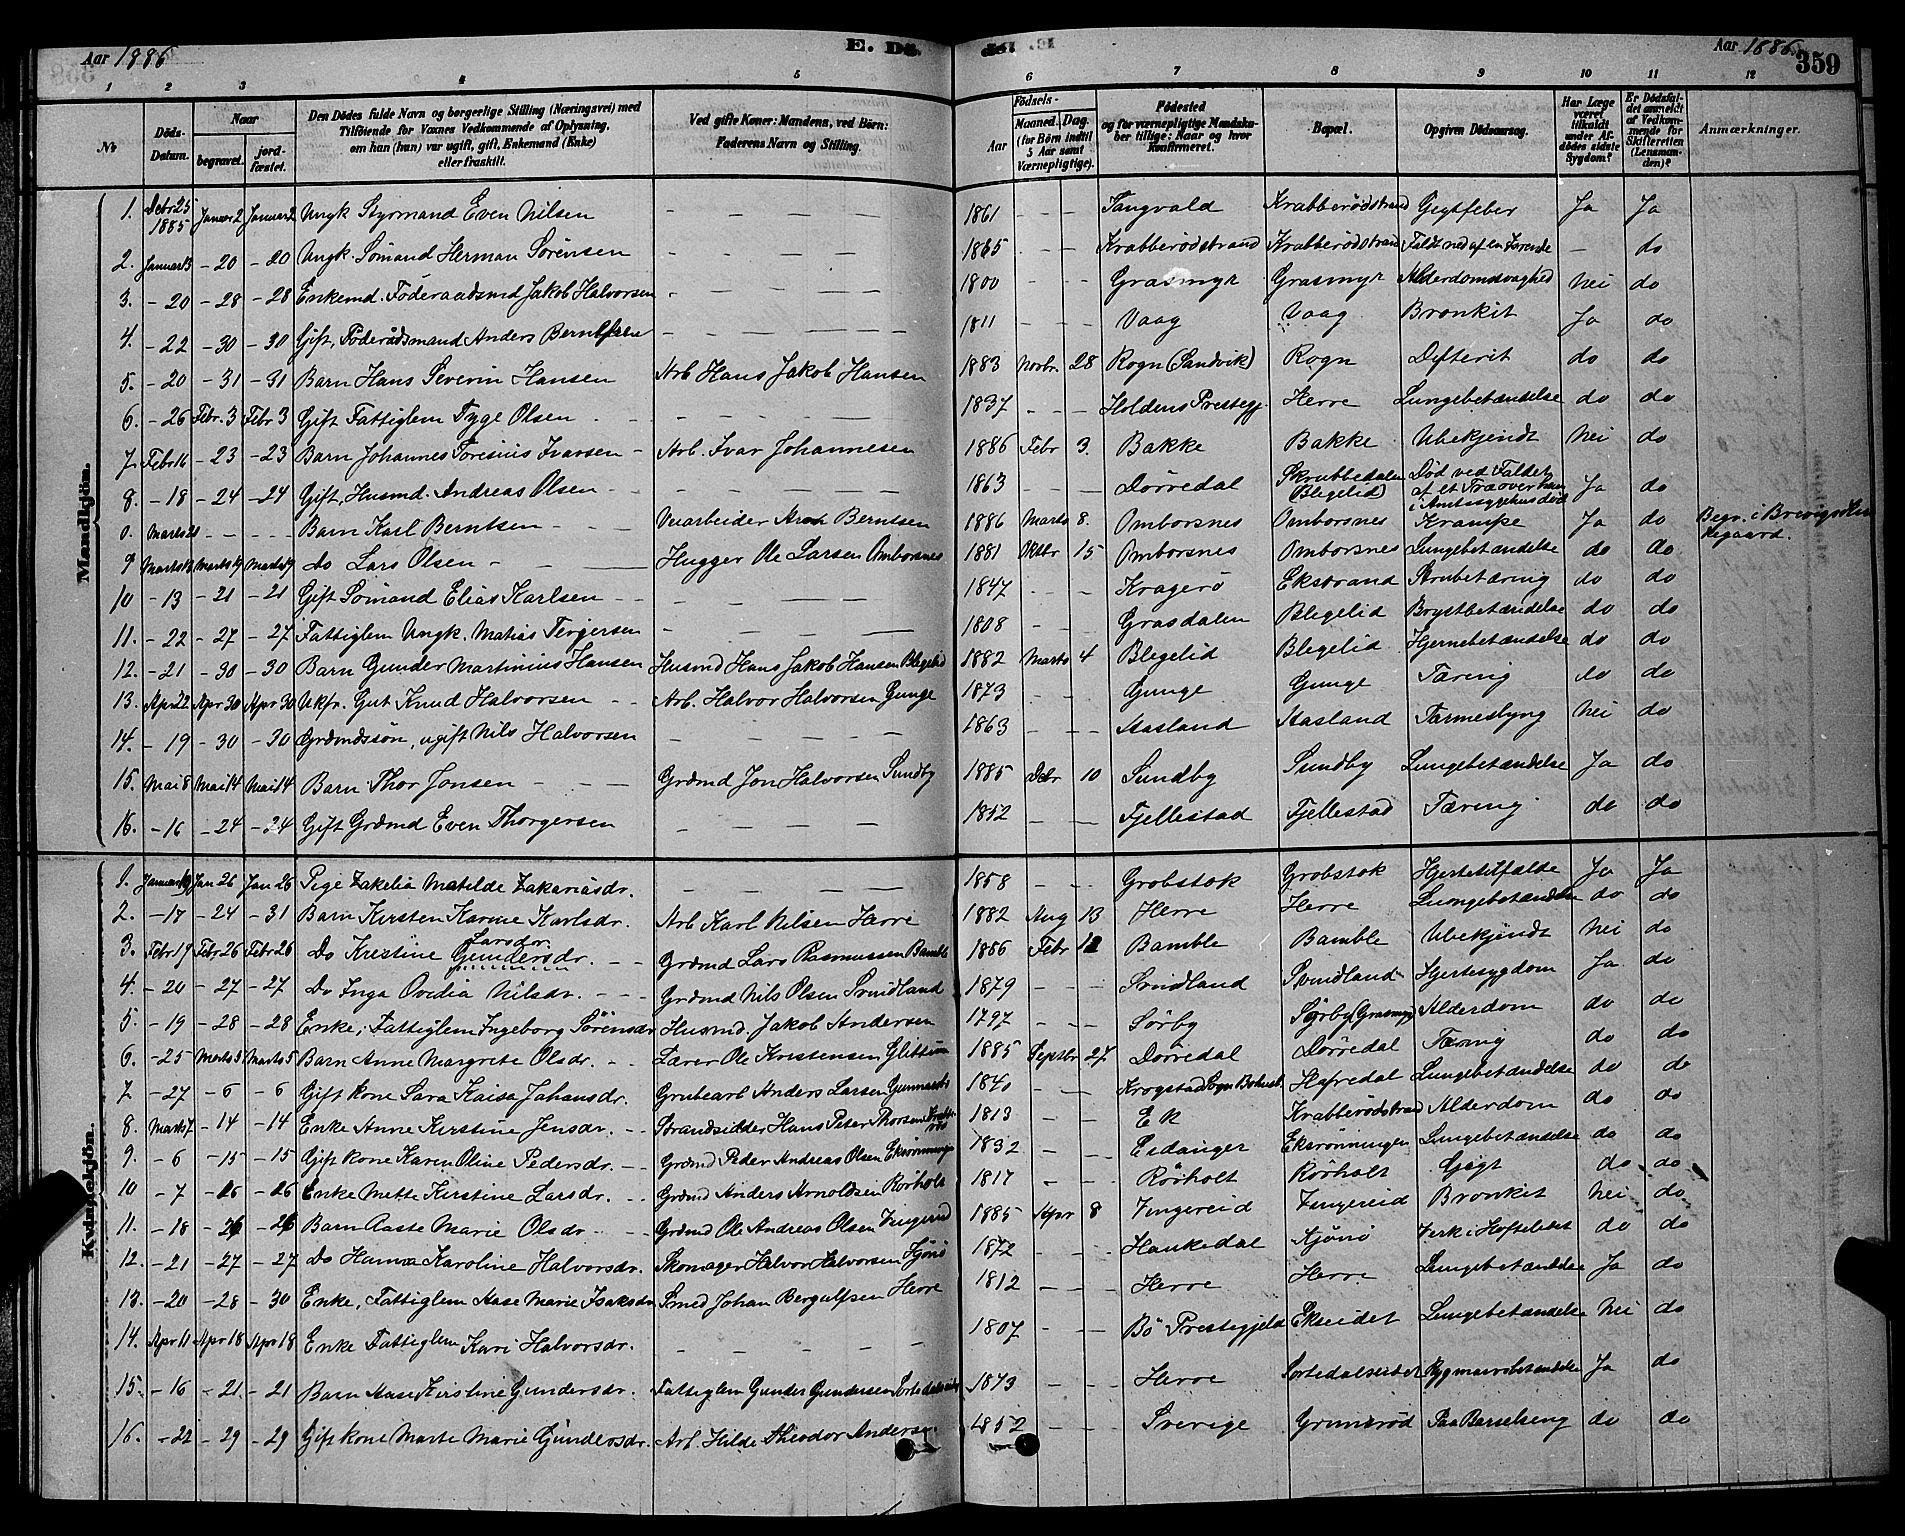 SAKO, Bamble kirkebøker, G/Ga/L0008: Klokkerbok nr. I 8, 1878-1888, s. 359